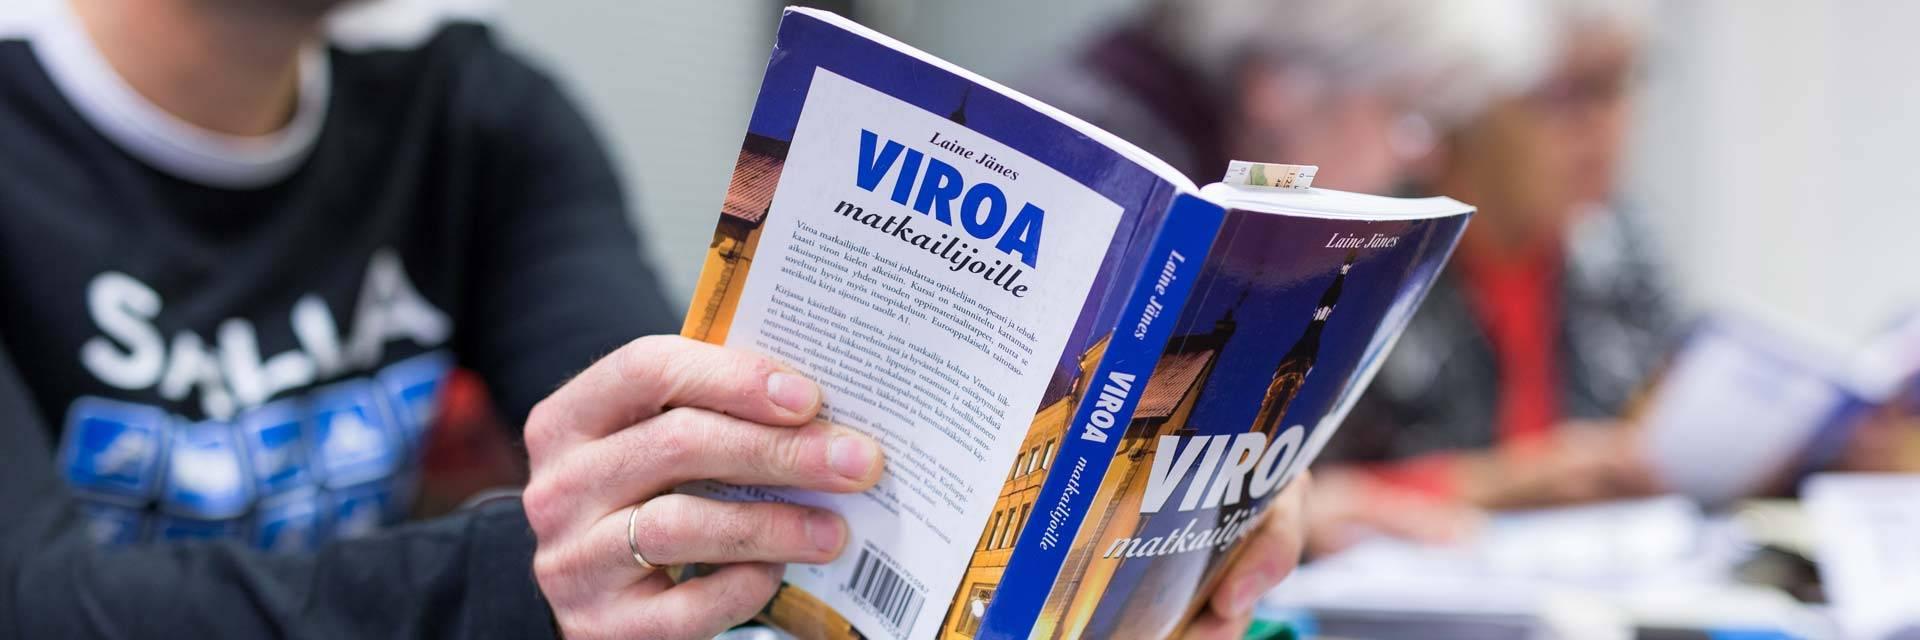 Henkilö opiskelemassa Viron kieltä kirjasta.